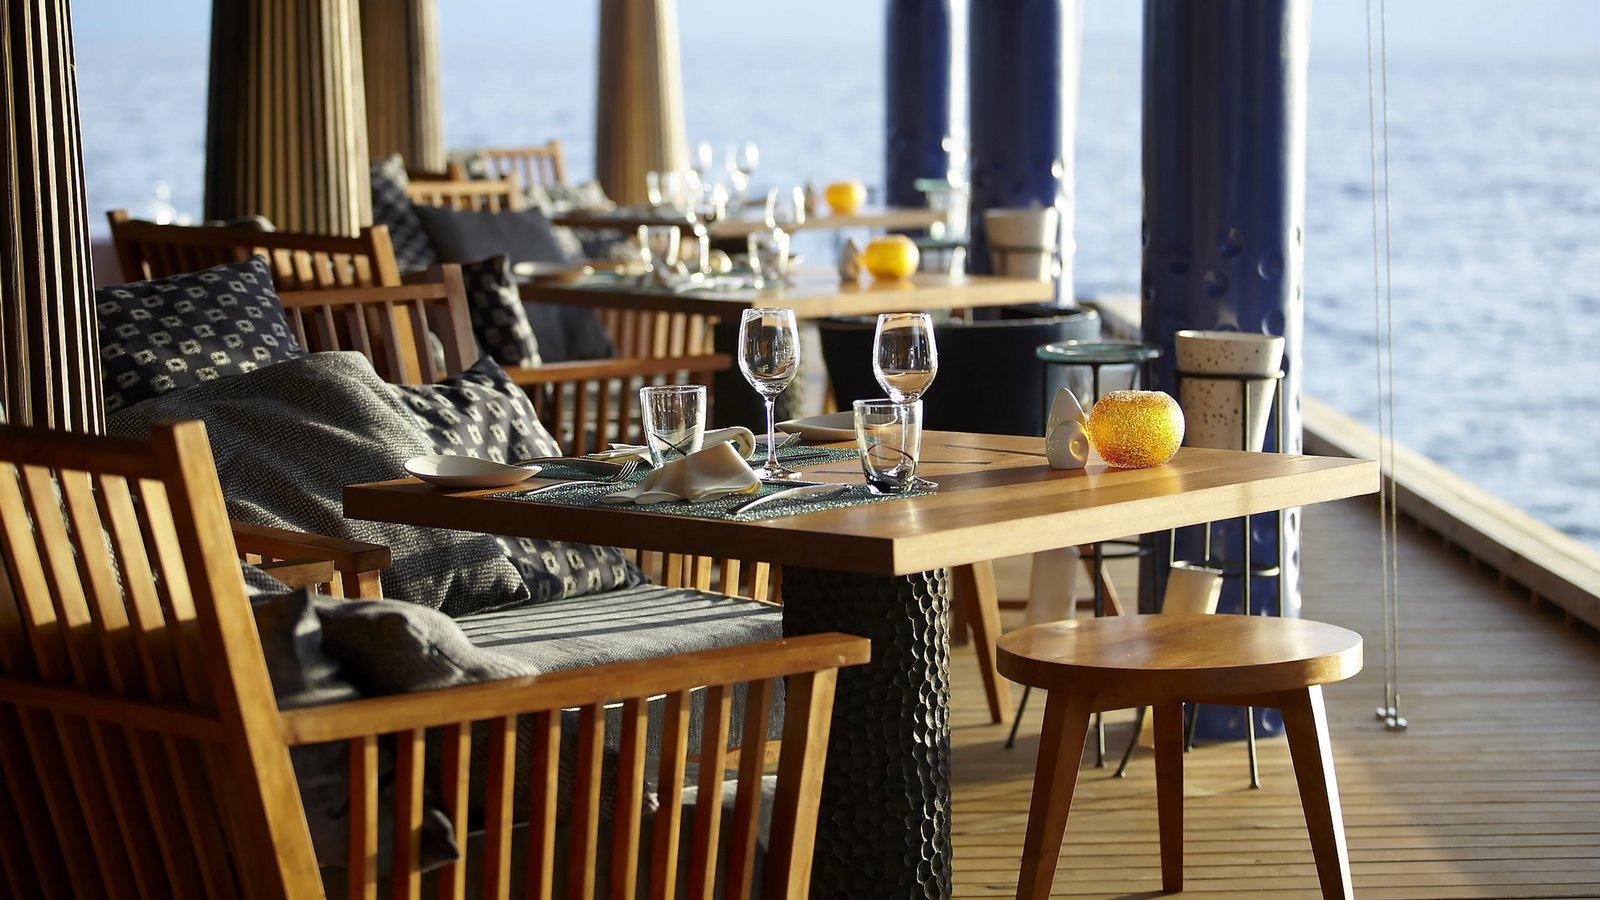 Мальдивы, отель Anantara Kihavah Maldives Villas, ресторан Salt